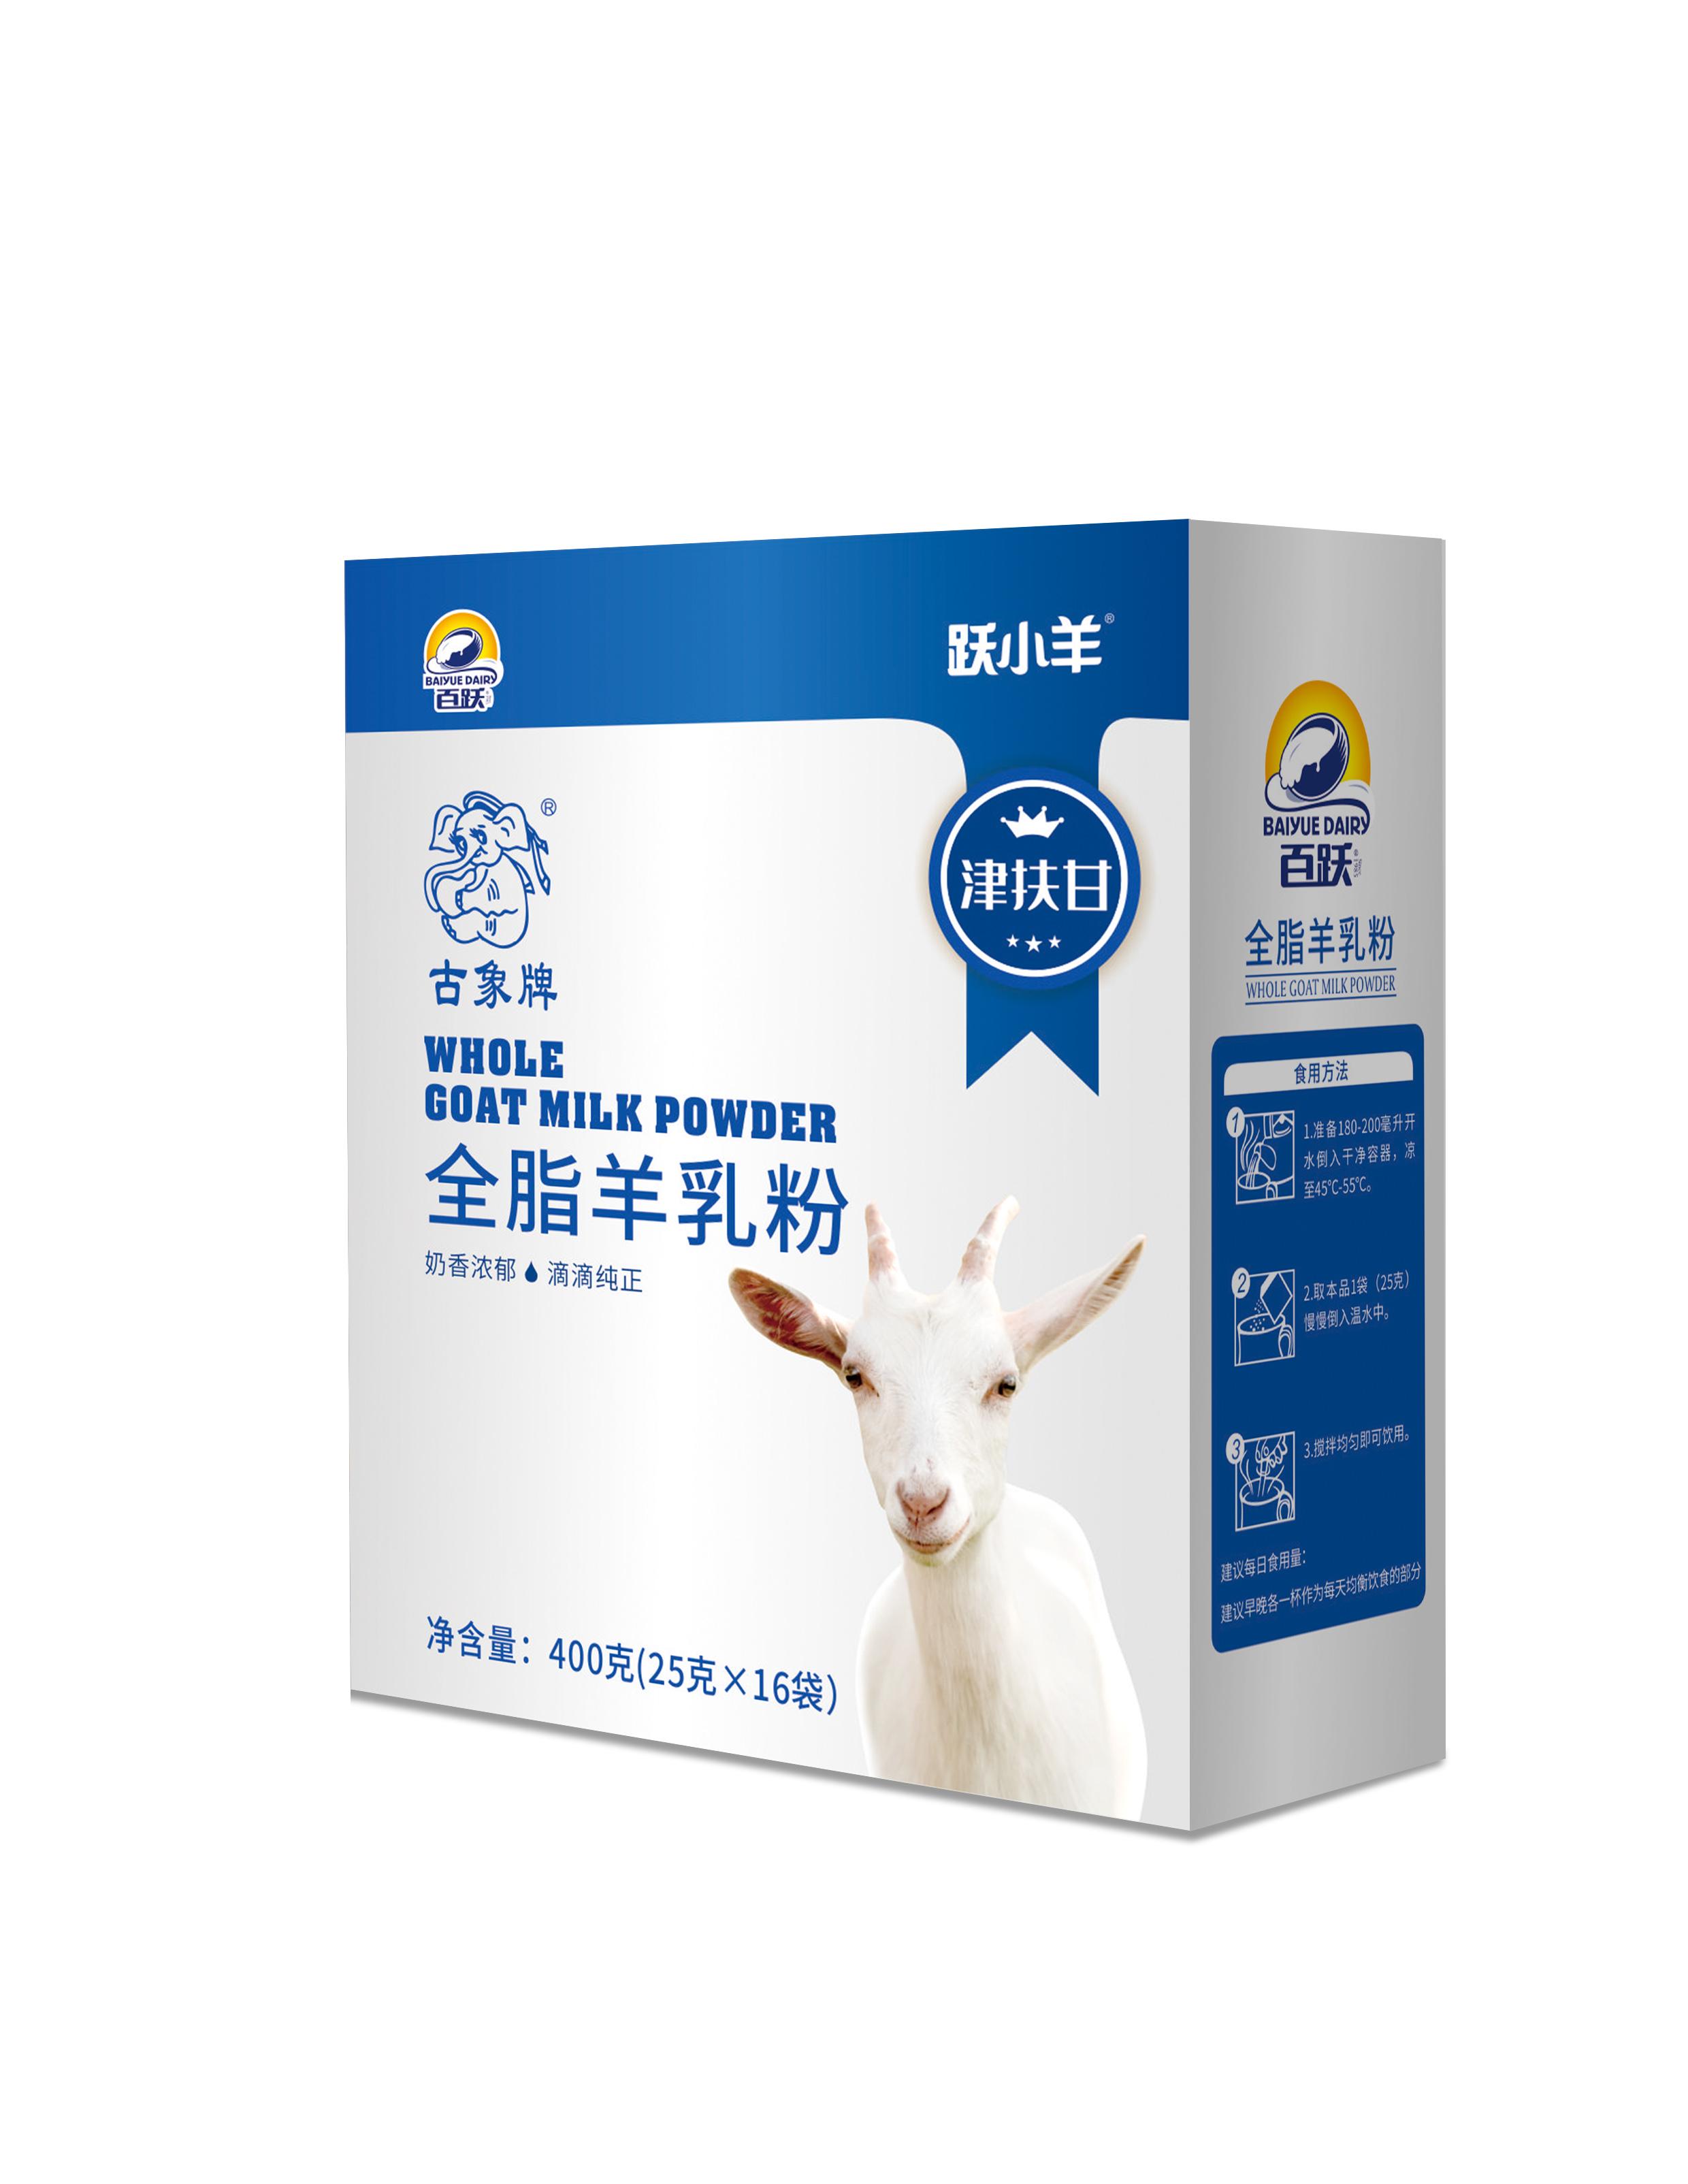 百跃跃小羊古象牌全脂羊乳粉